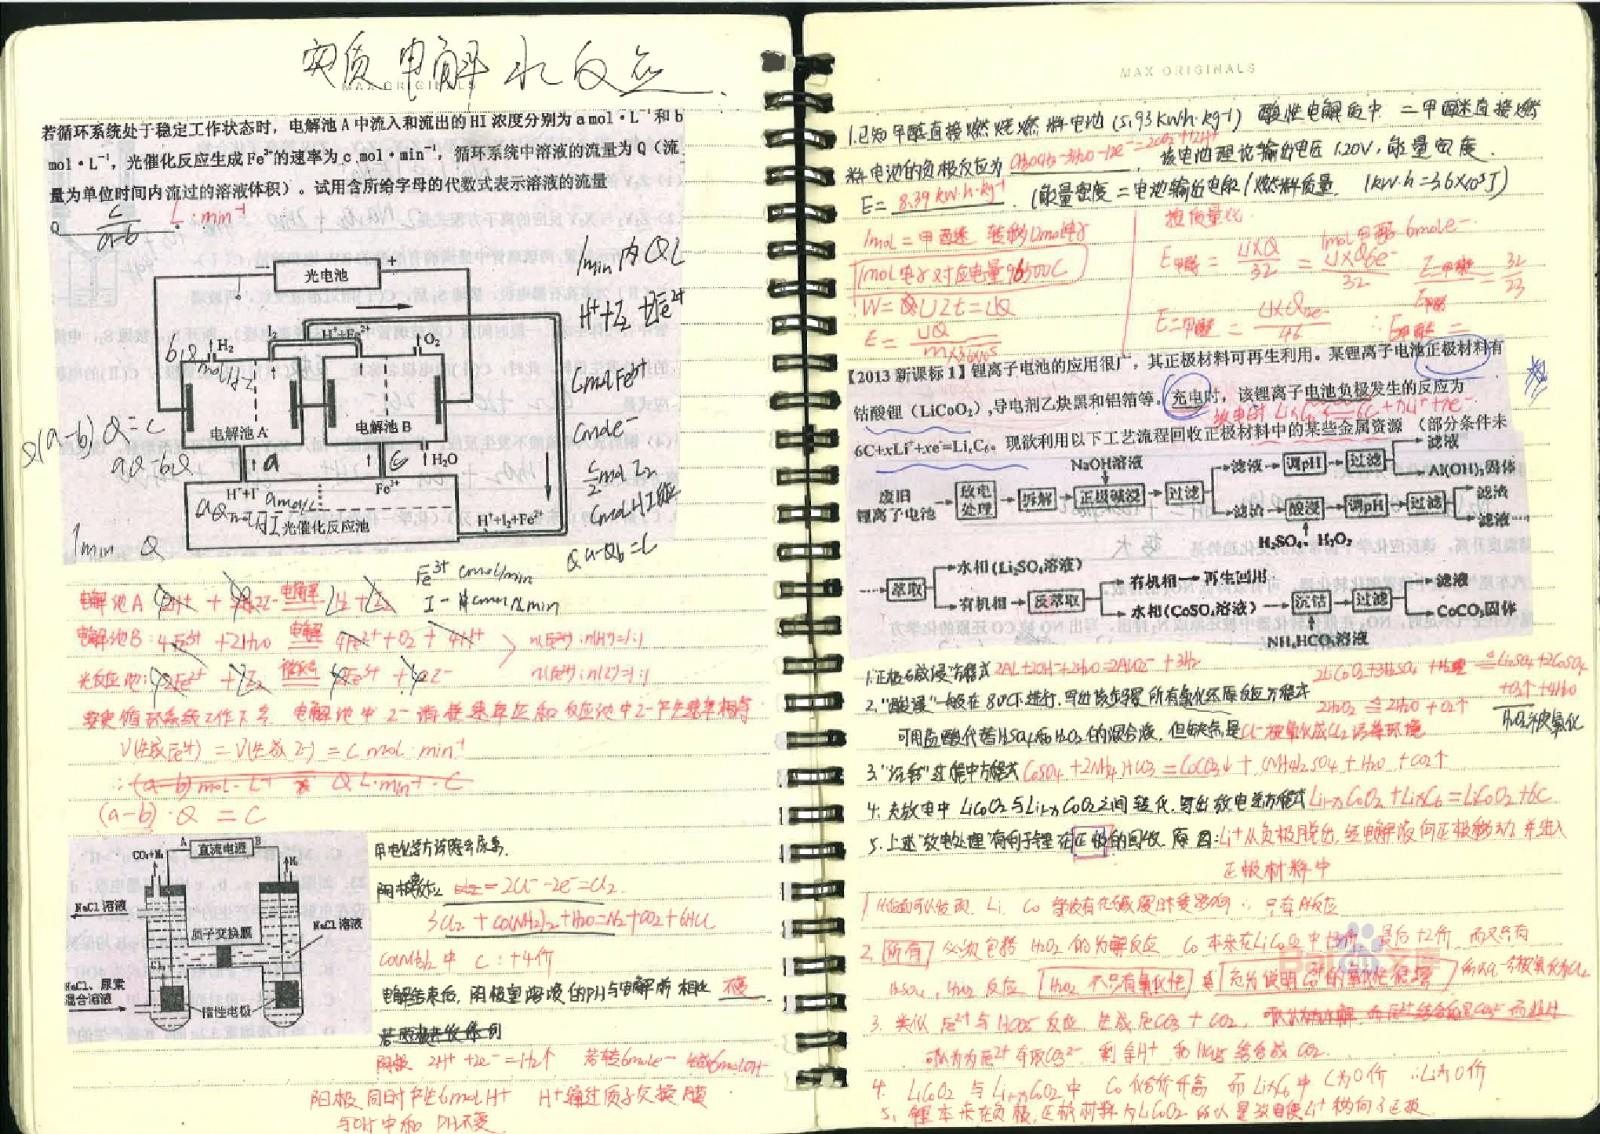 衡水中学状元手写笔记[化学]